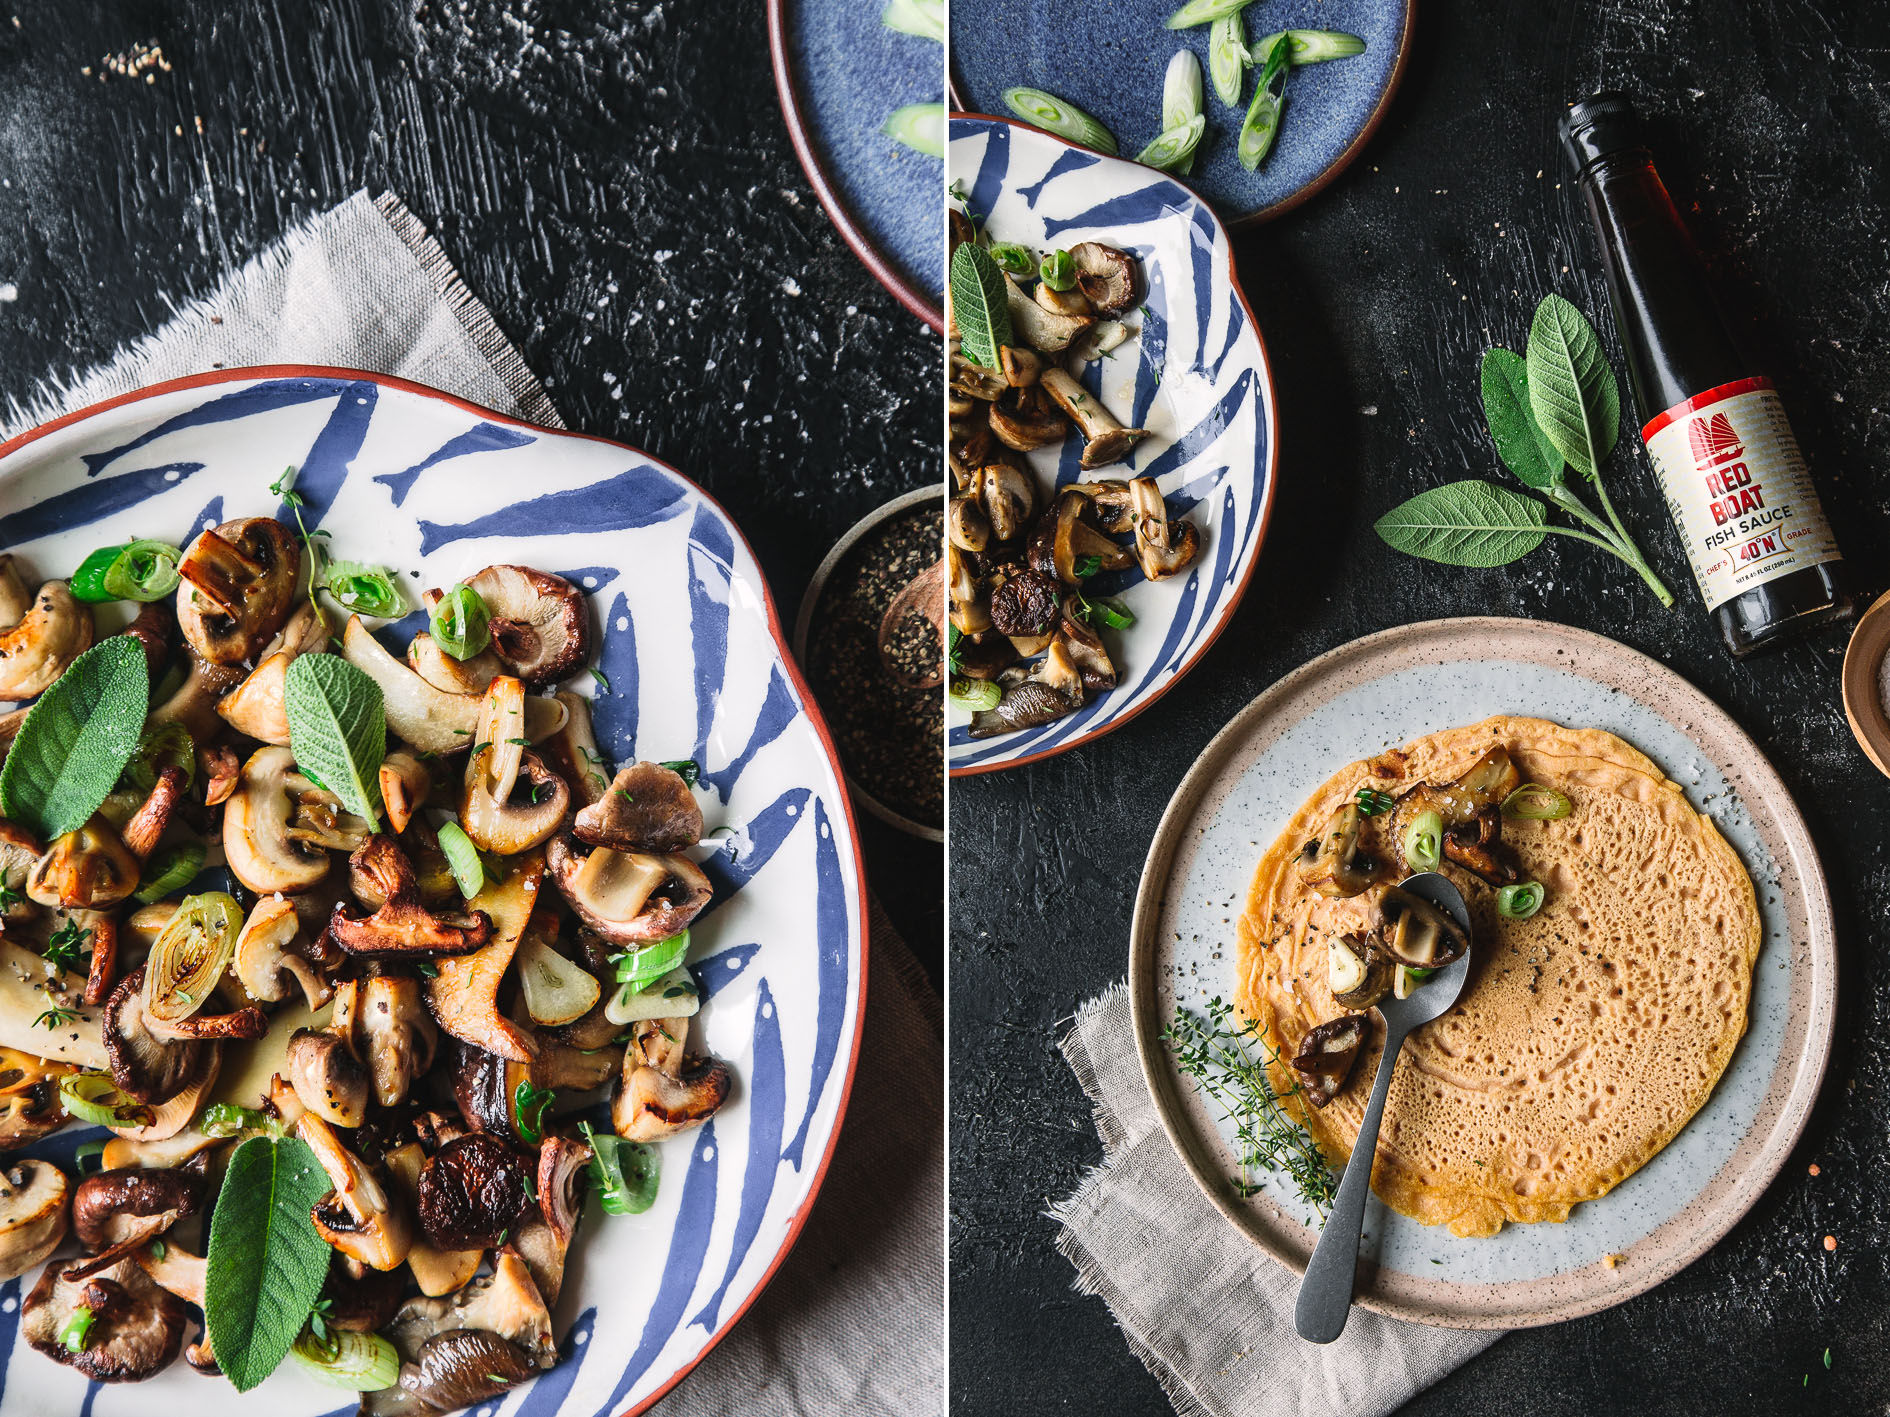 Gebratene Pilze mit Fischsauce